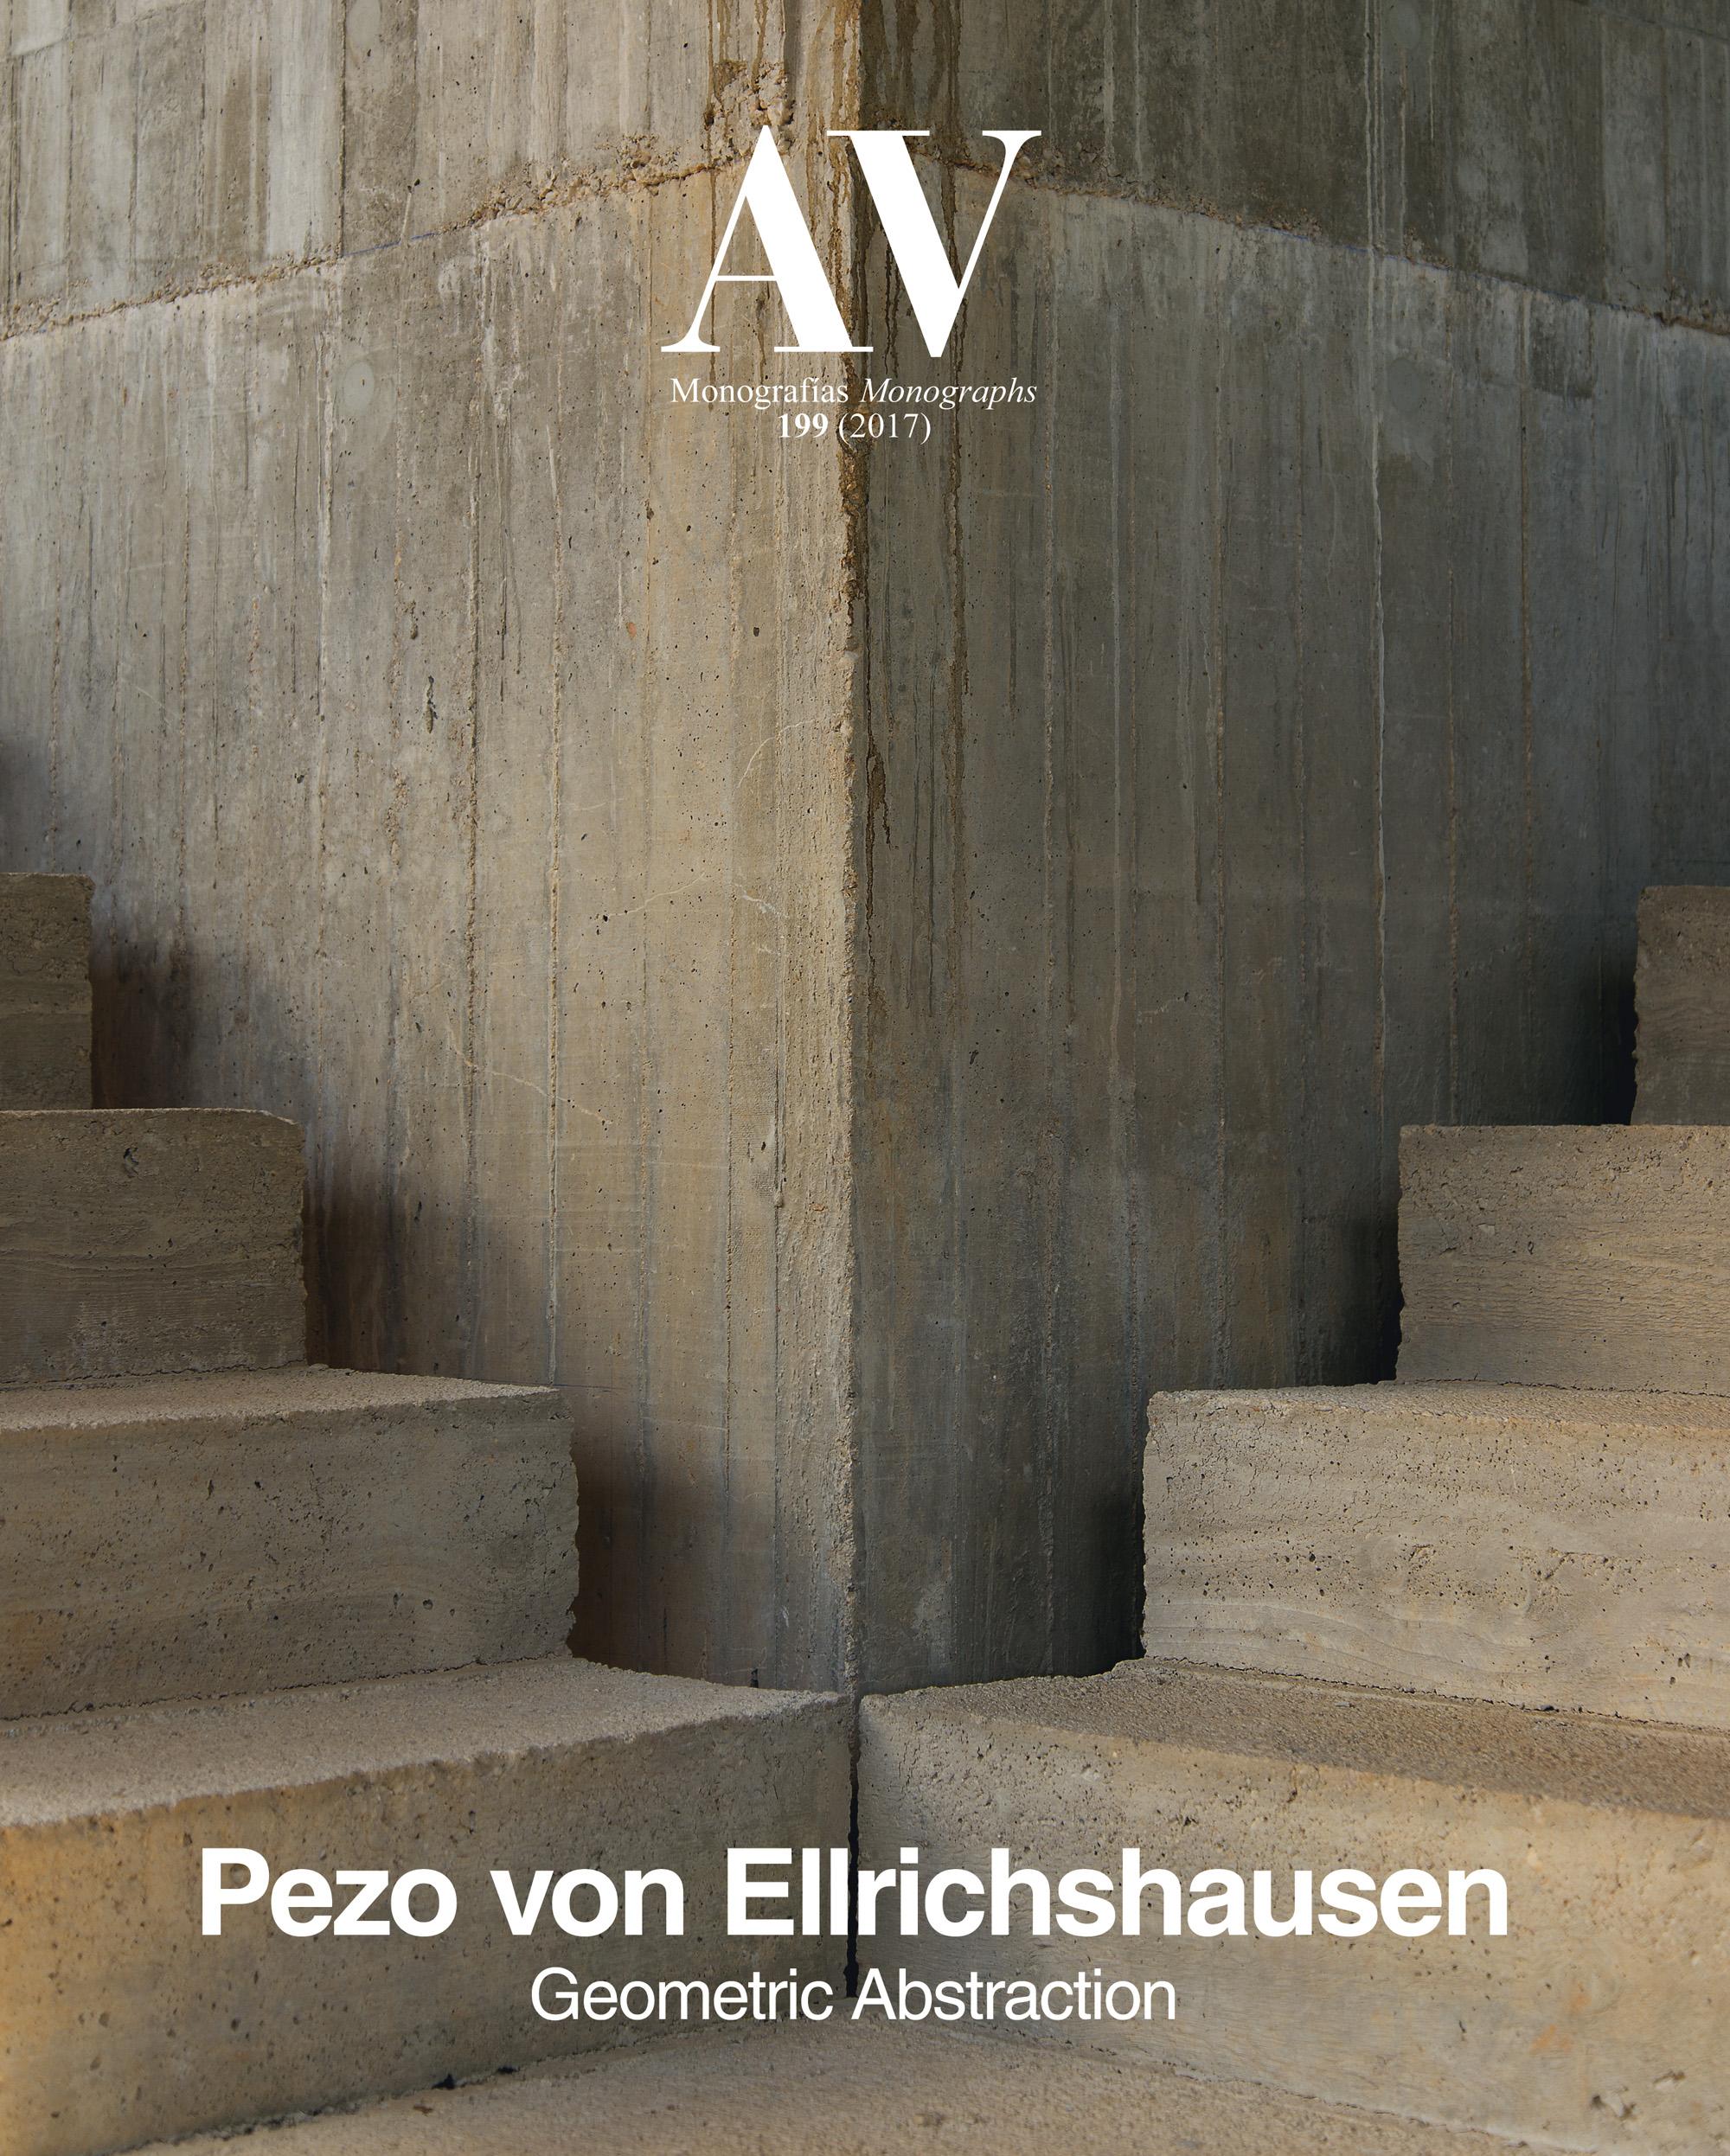 Pezo von Ellrichshausen